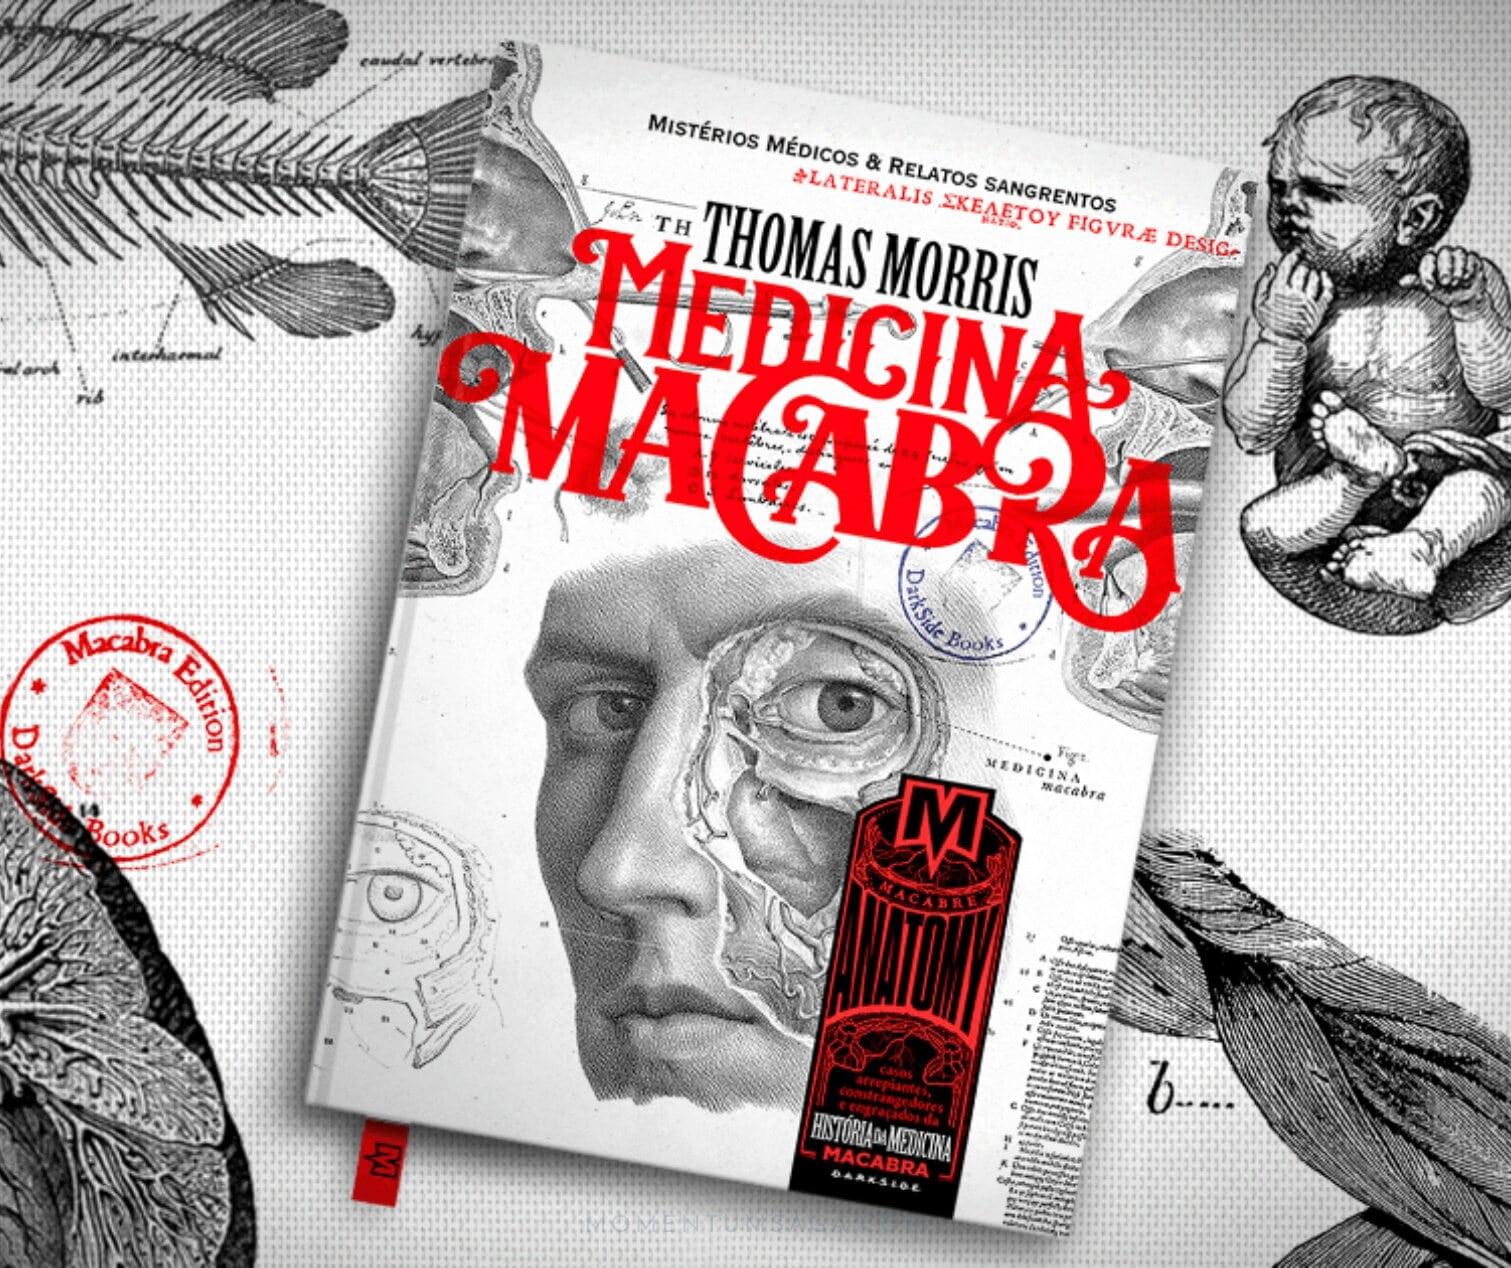 Resenha: Medicina Macabra, de Thomas Morris